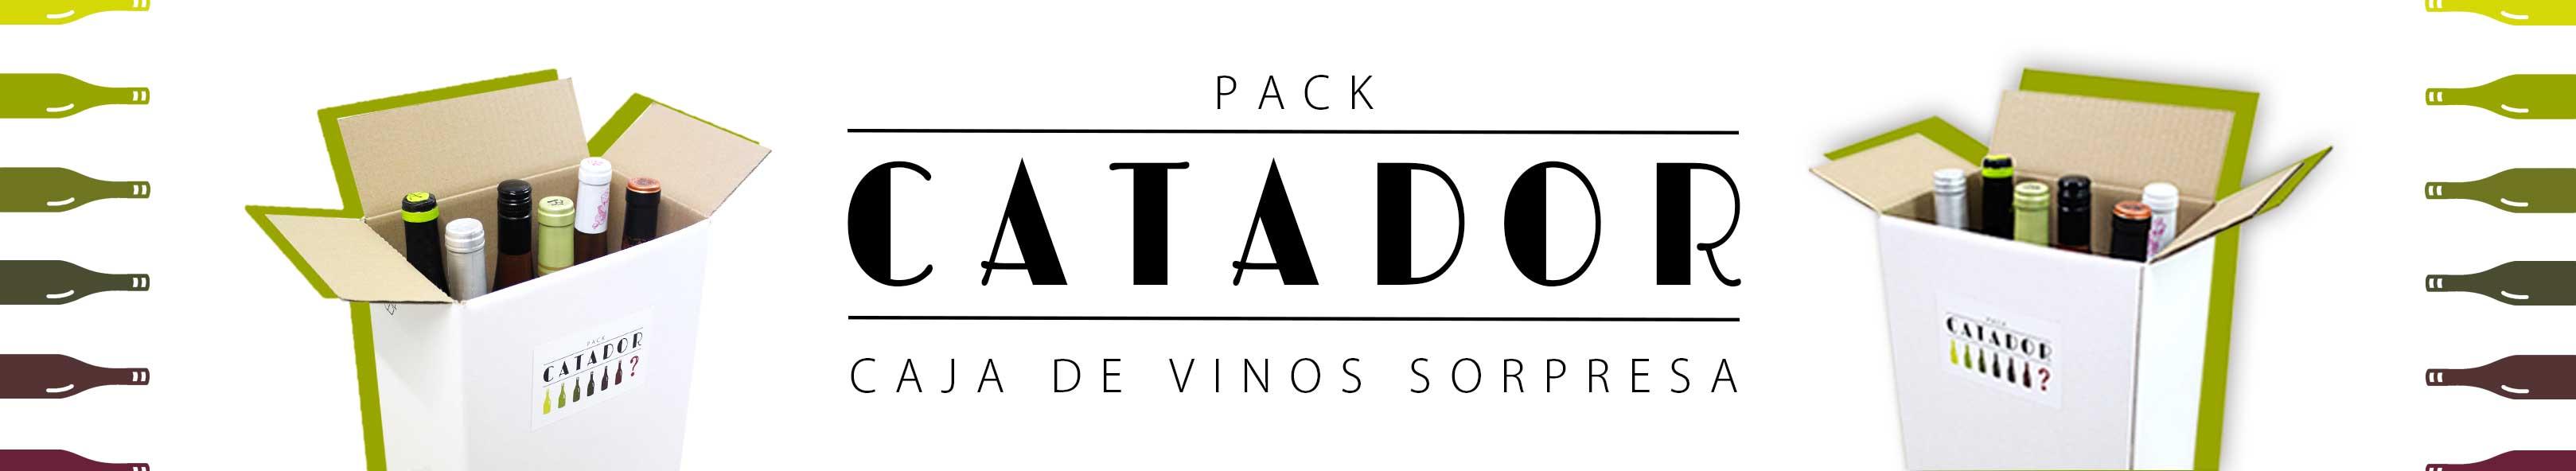 pack de vinos sorpresa cada mes